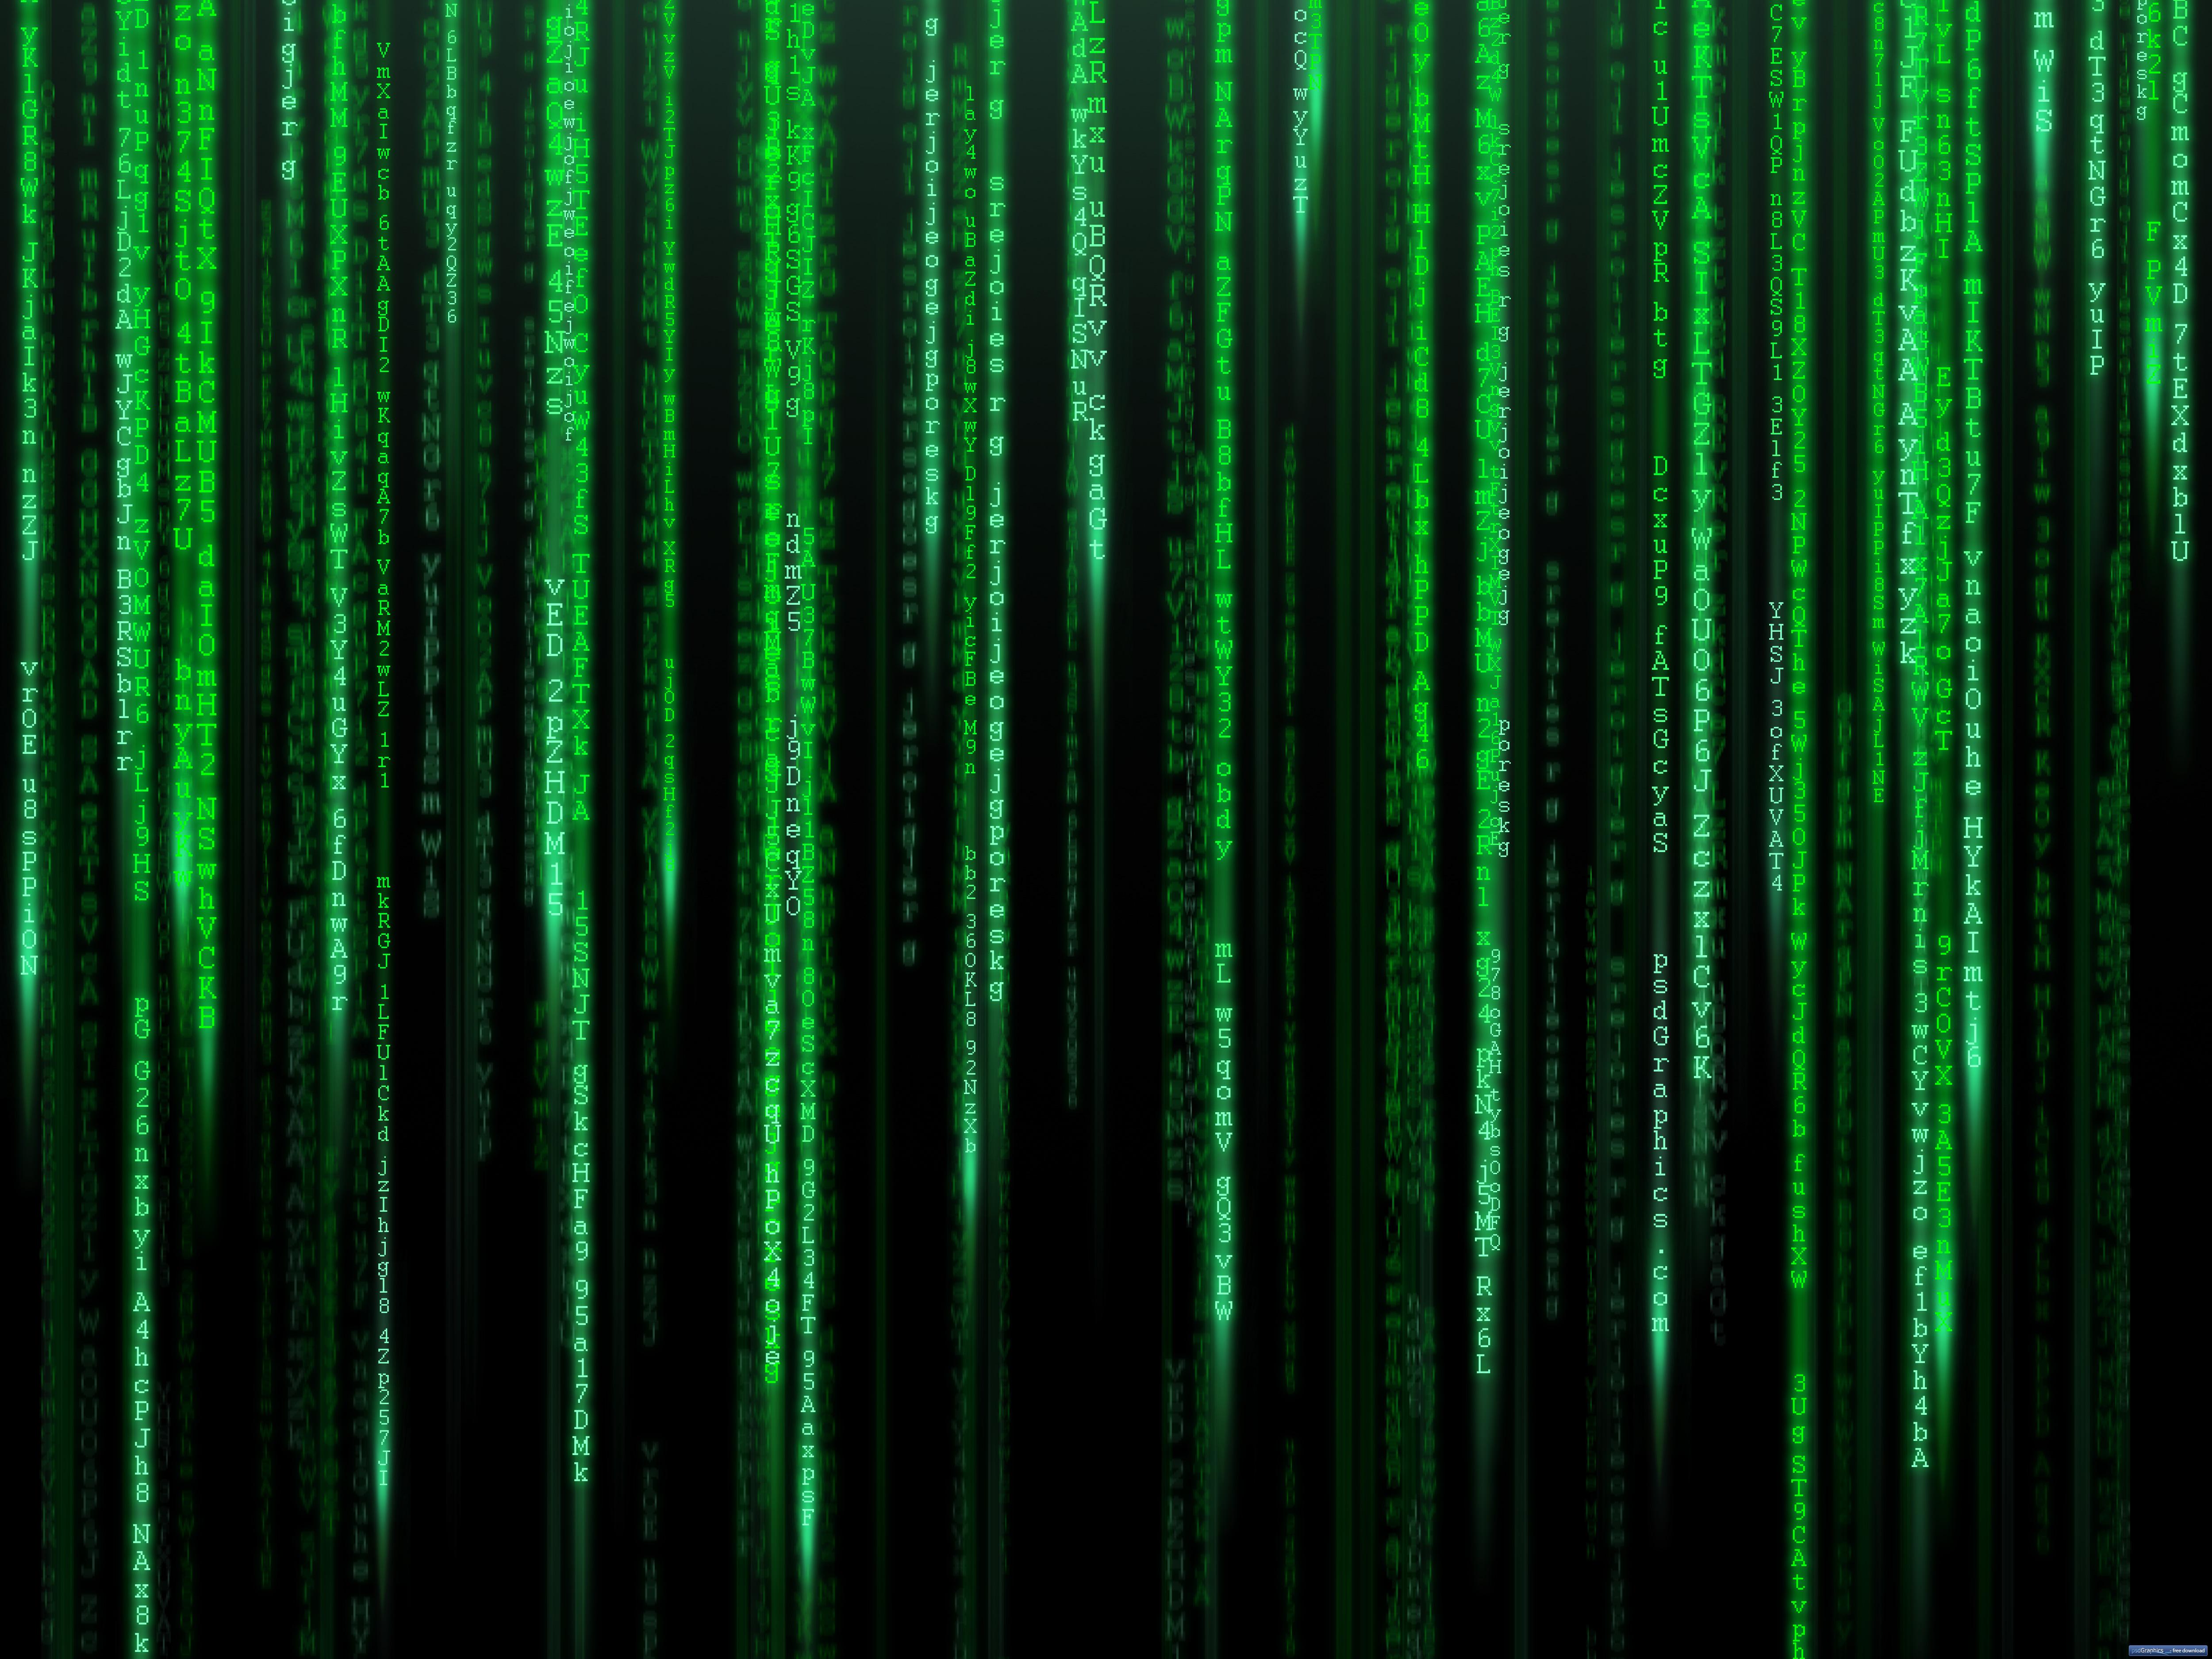 Matrix wallpaper 5000x3750